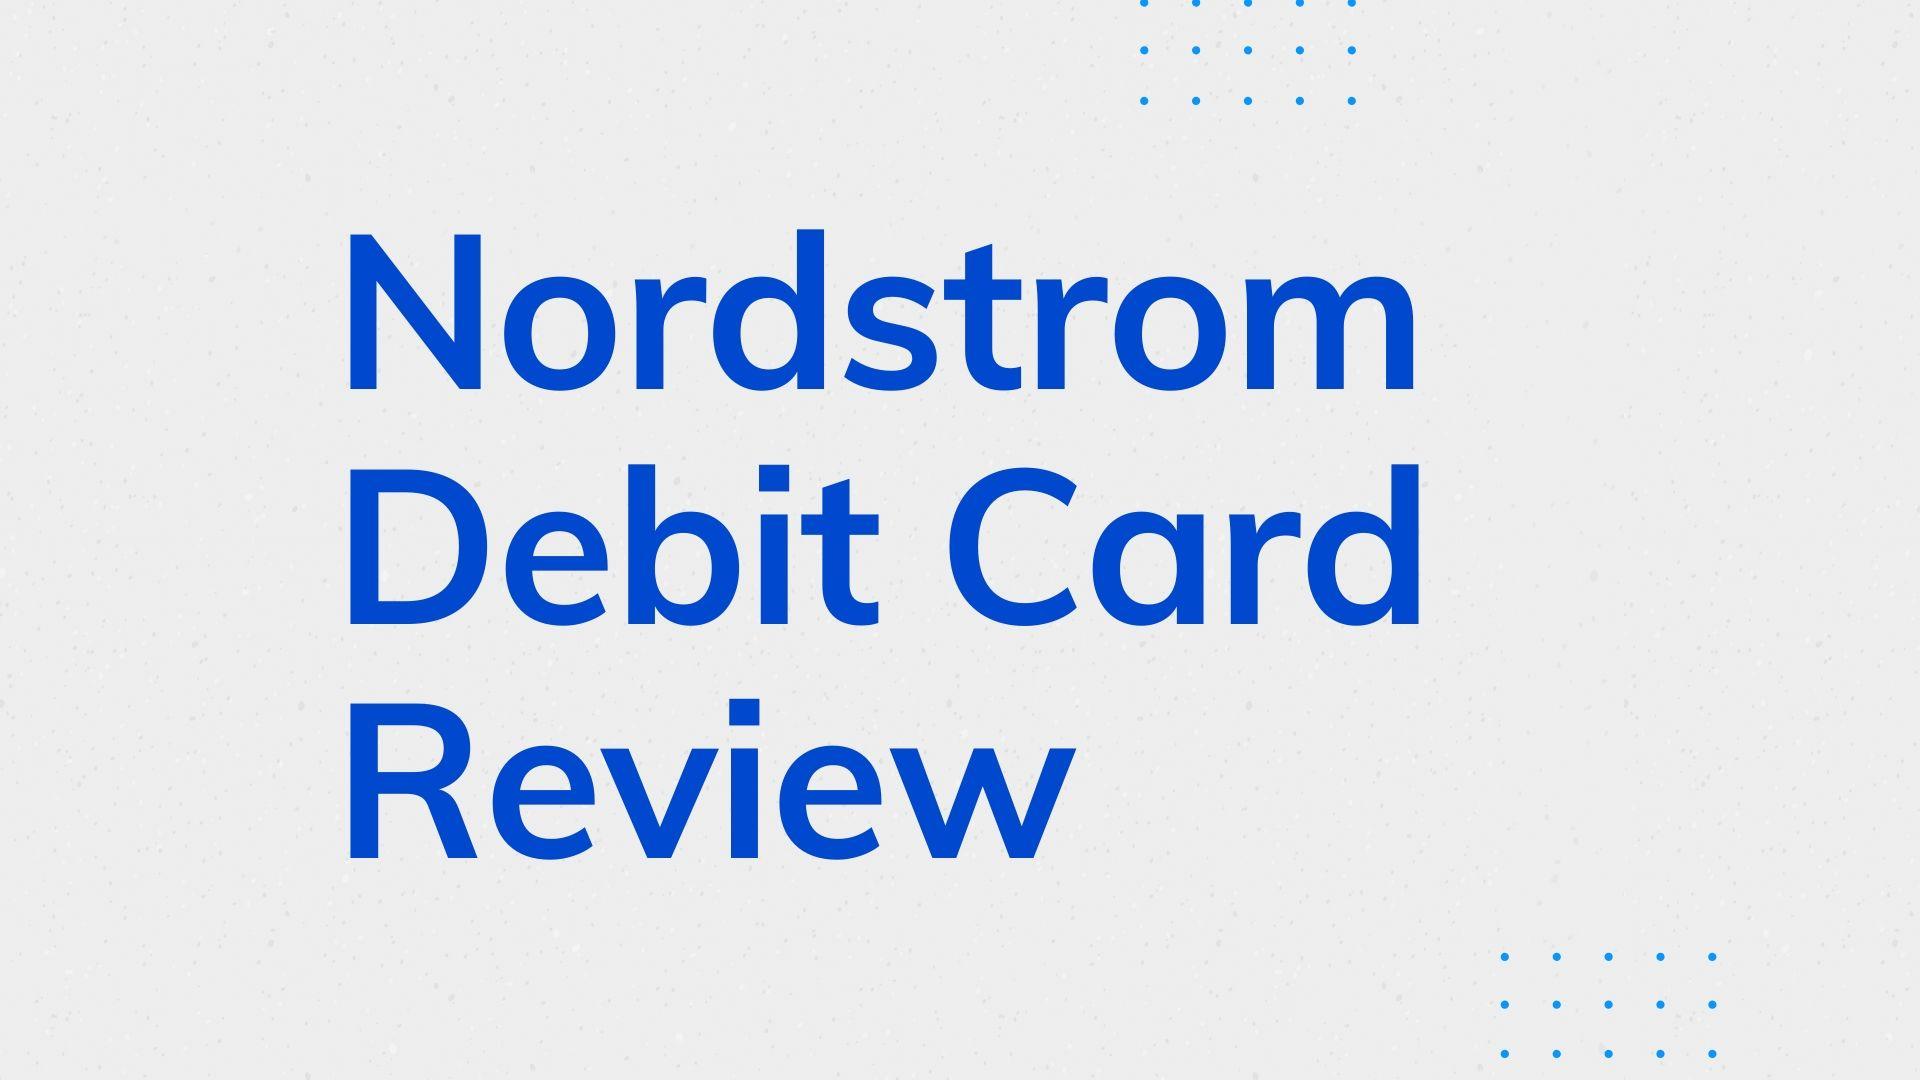 Nordstrom Debit Card